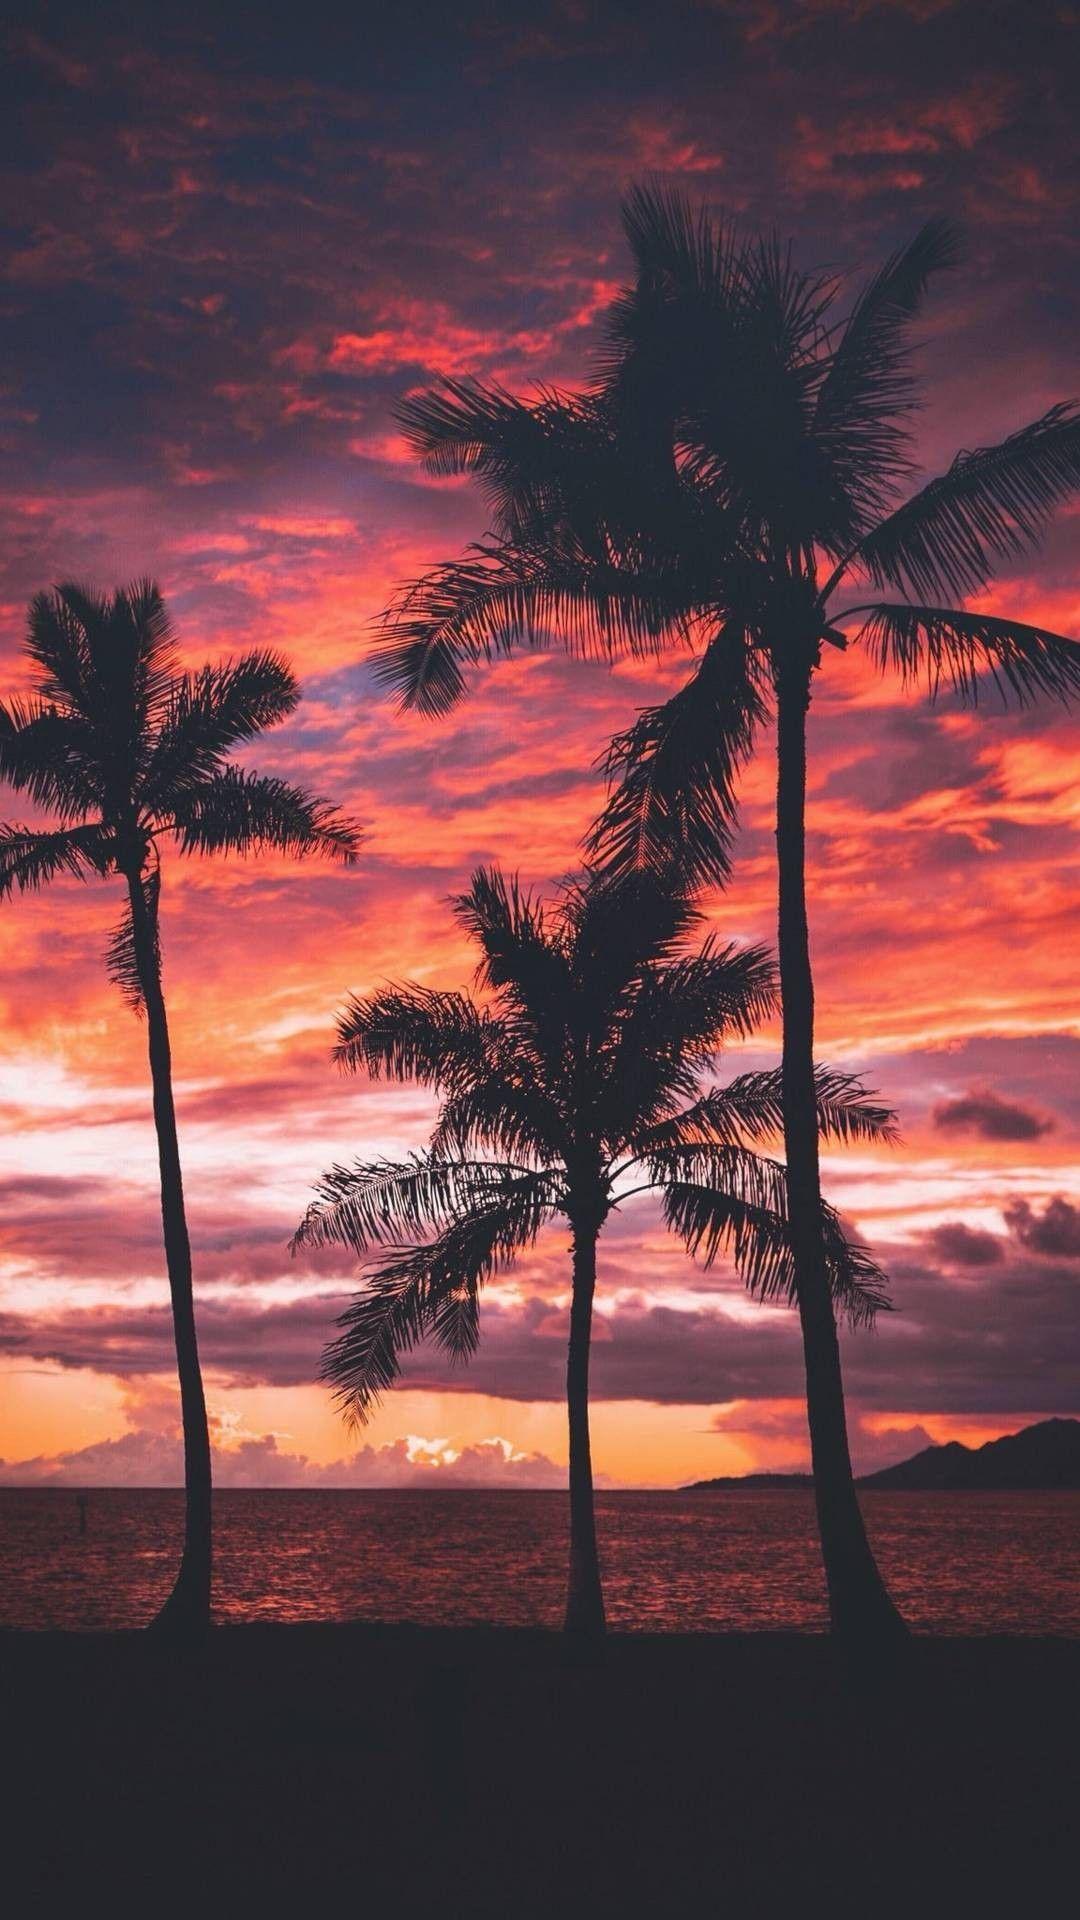 Sunset Wallpaper Beach Fotografia De Paisagem Wallpaper